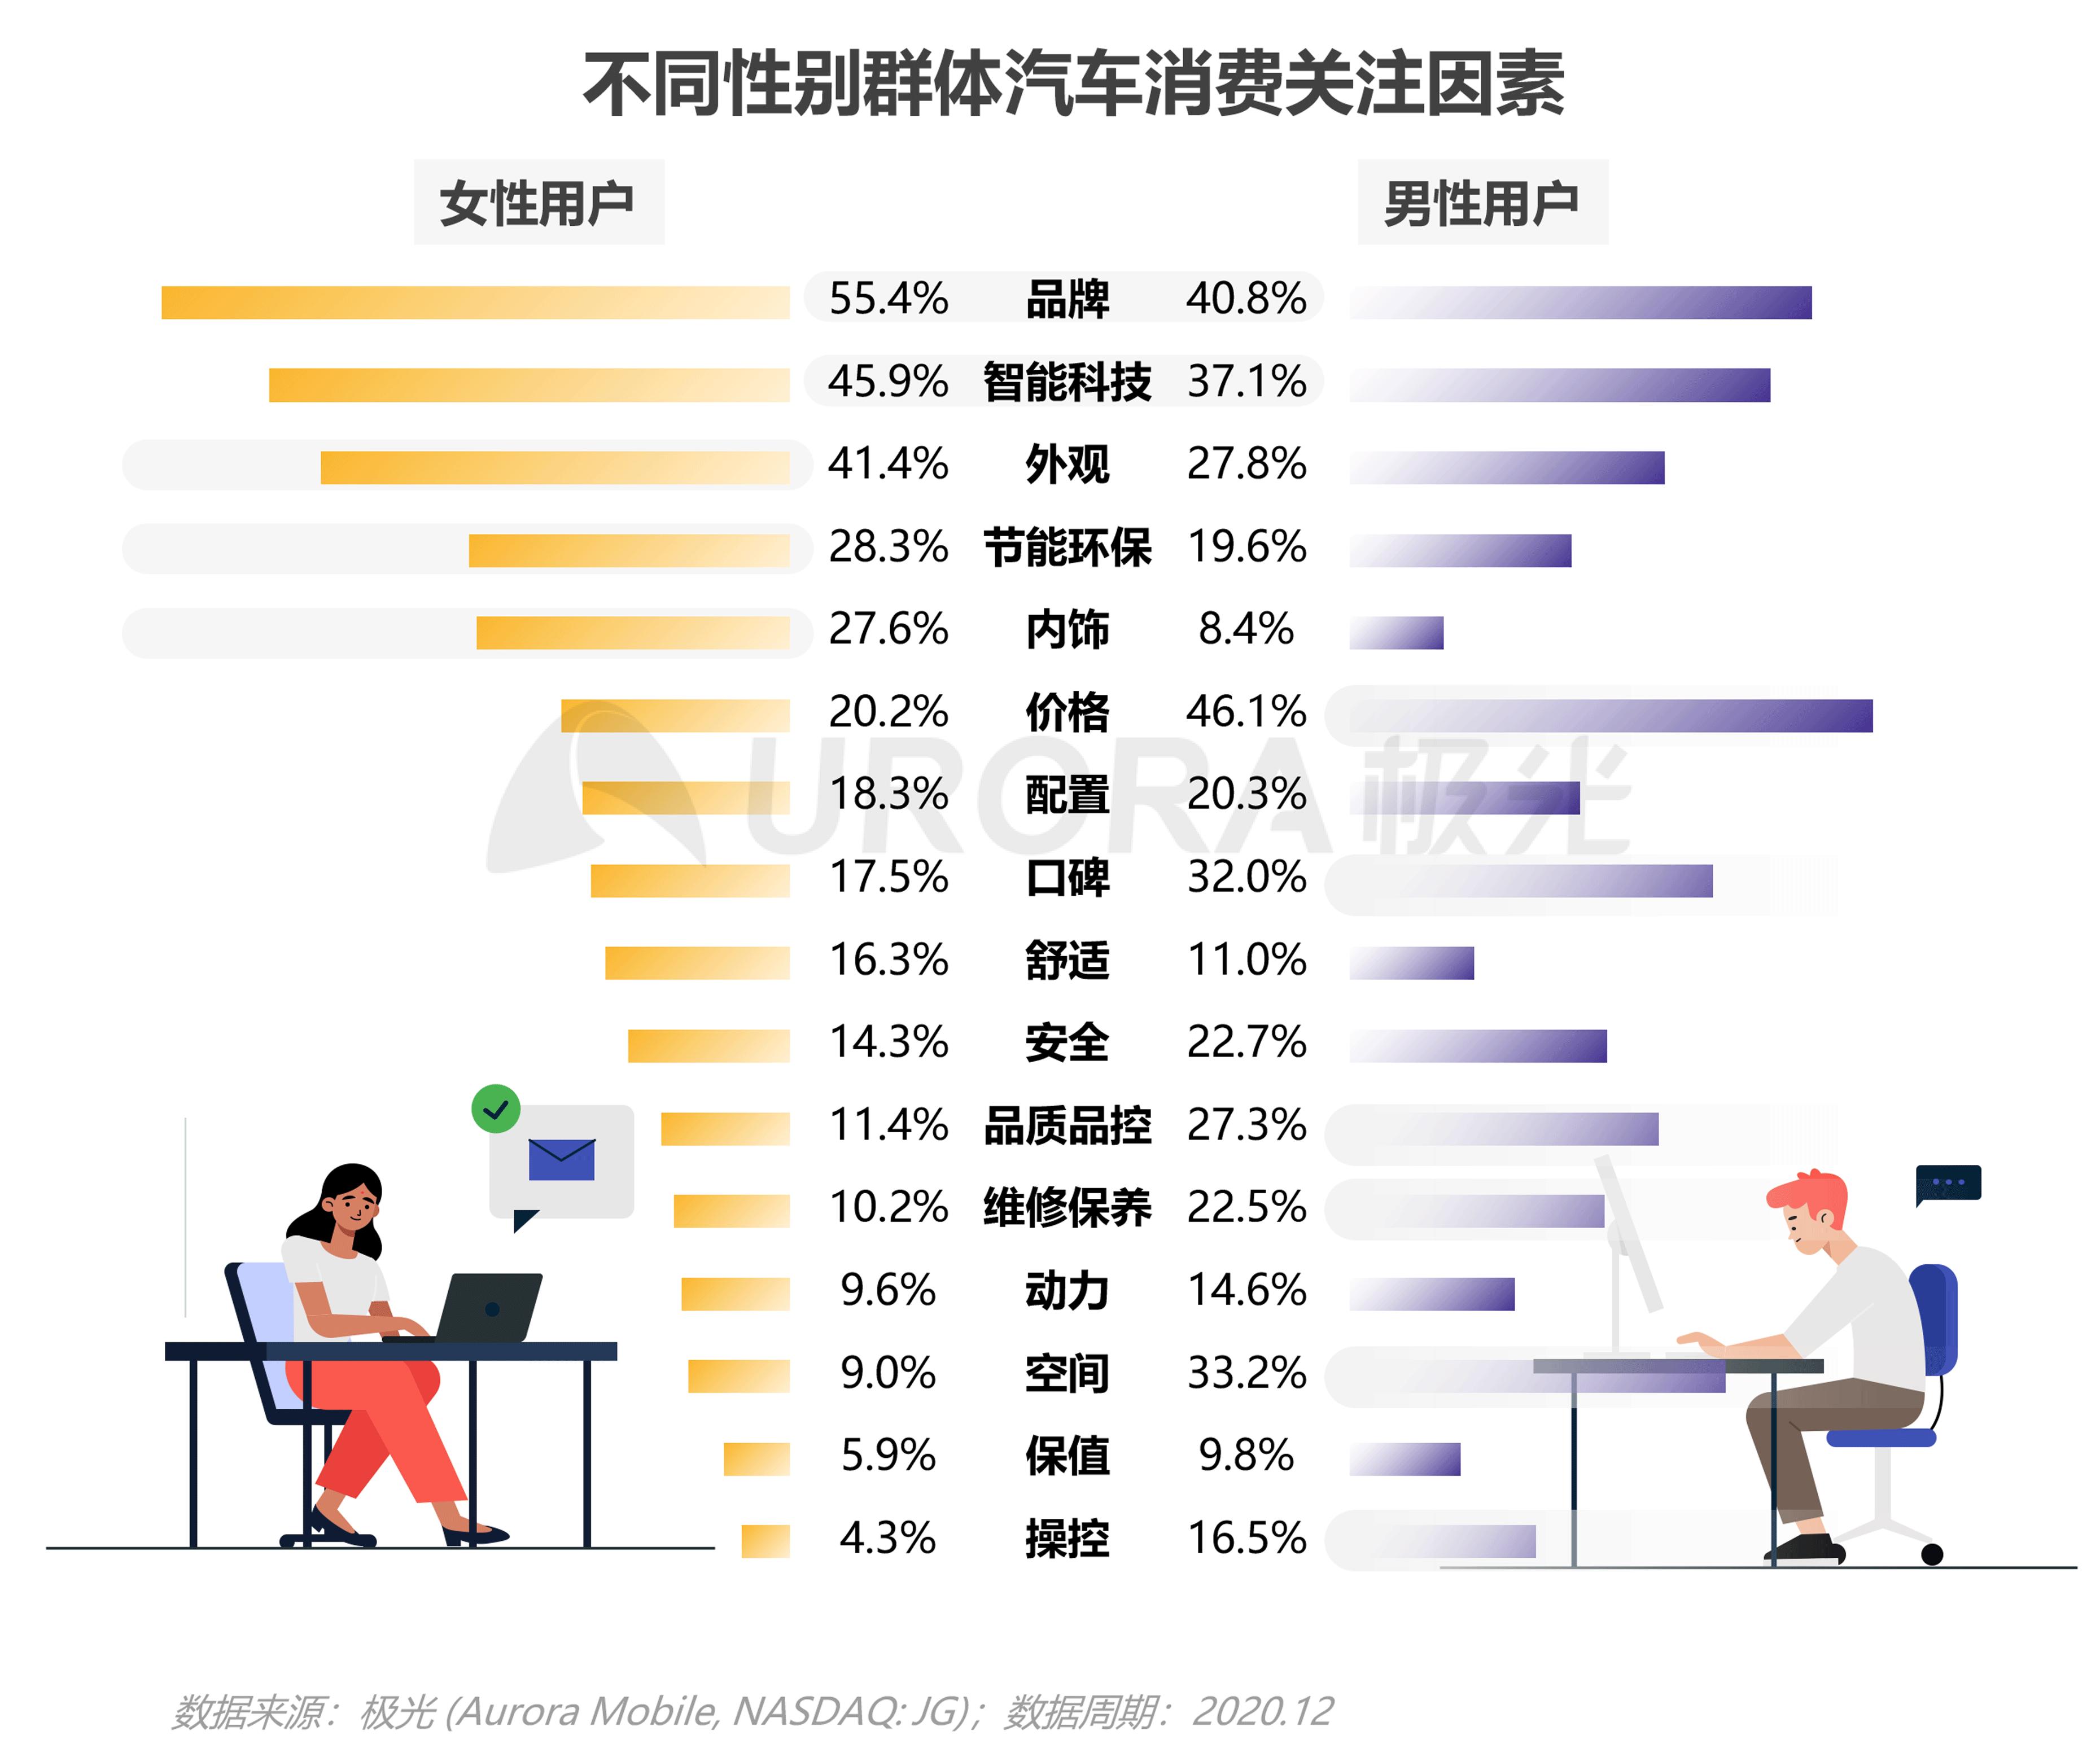 极光:汽车资讯行业洞察 (11).png